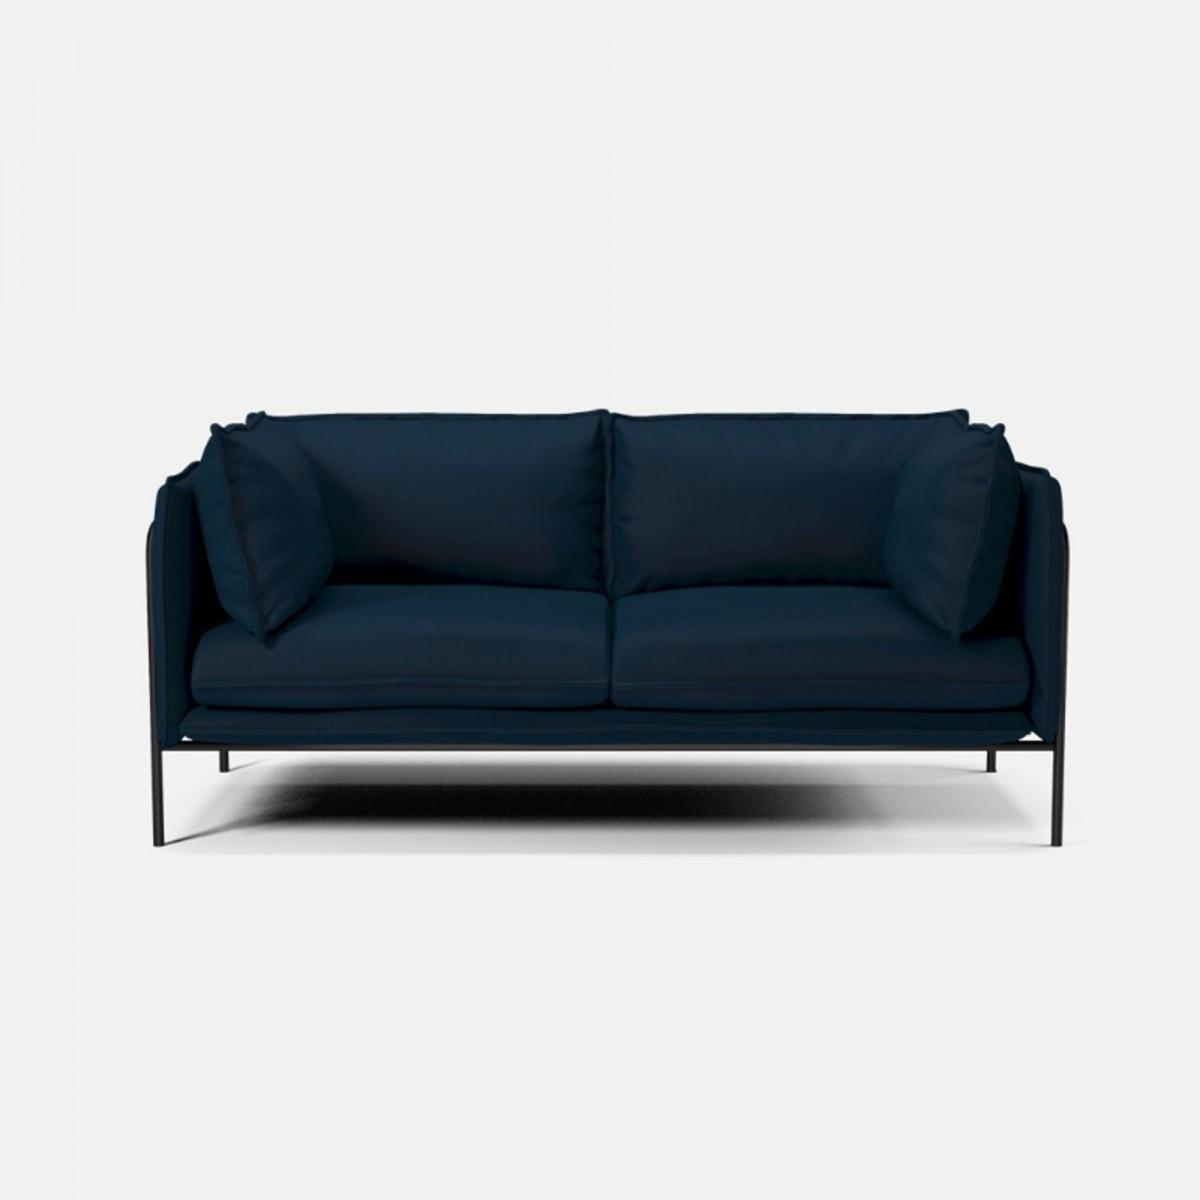 Bolia sofa milano